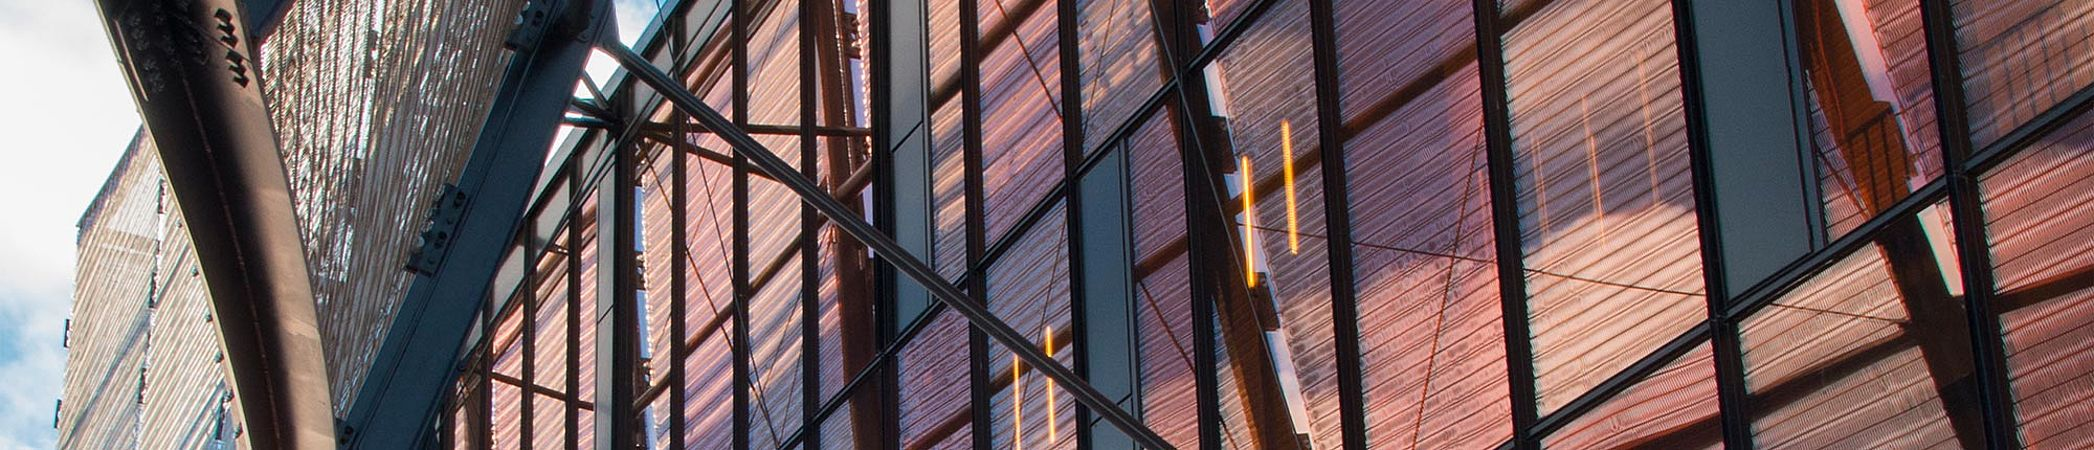 Grand Théâtre des Cordeliers vorgehängte Fassade mit I-SYS Edelstahl-Seilsystemen